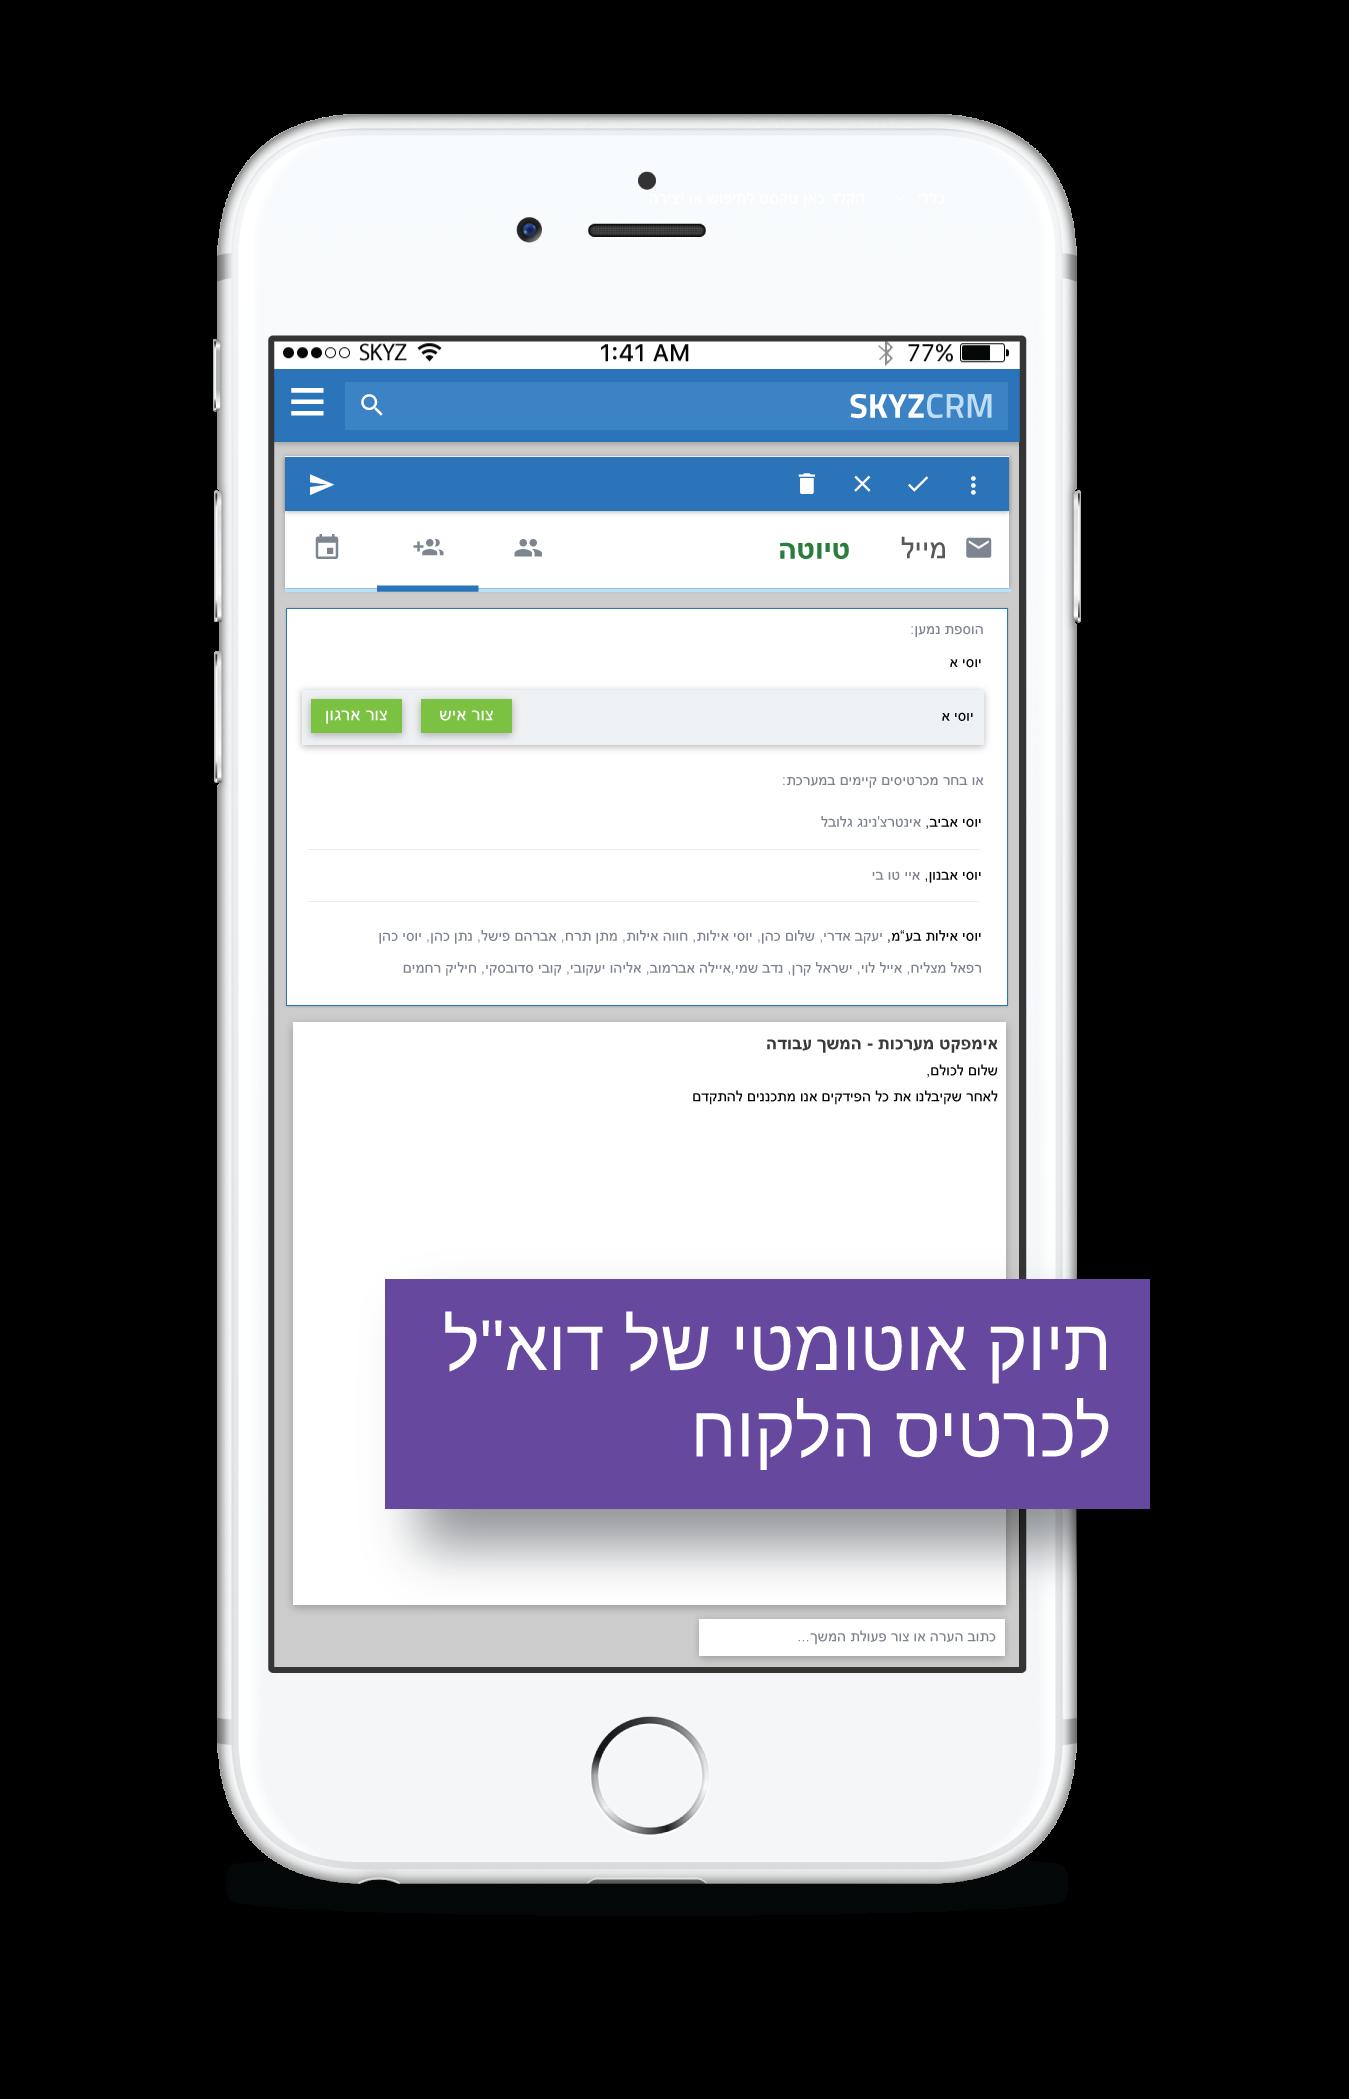 תיוק אוטומטי של אימיילים לכרטיס לקוח באמצעות Skyz Sales